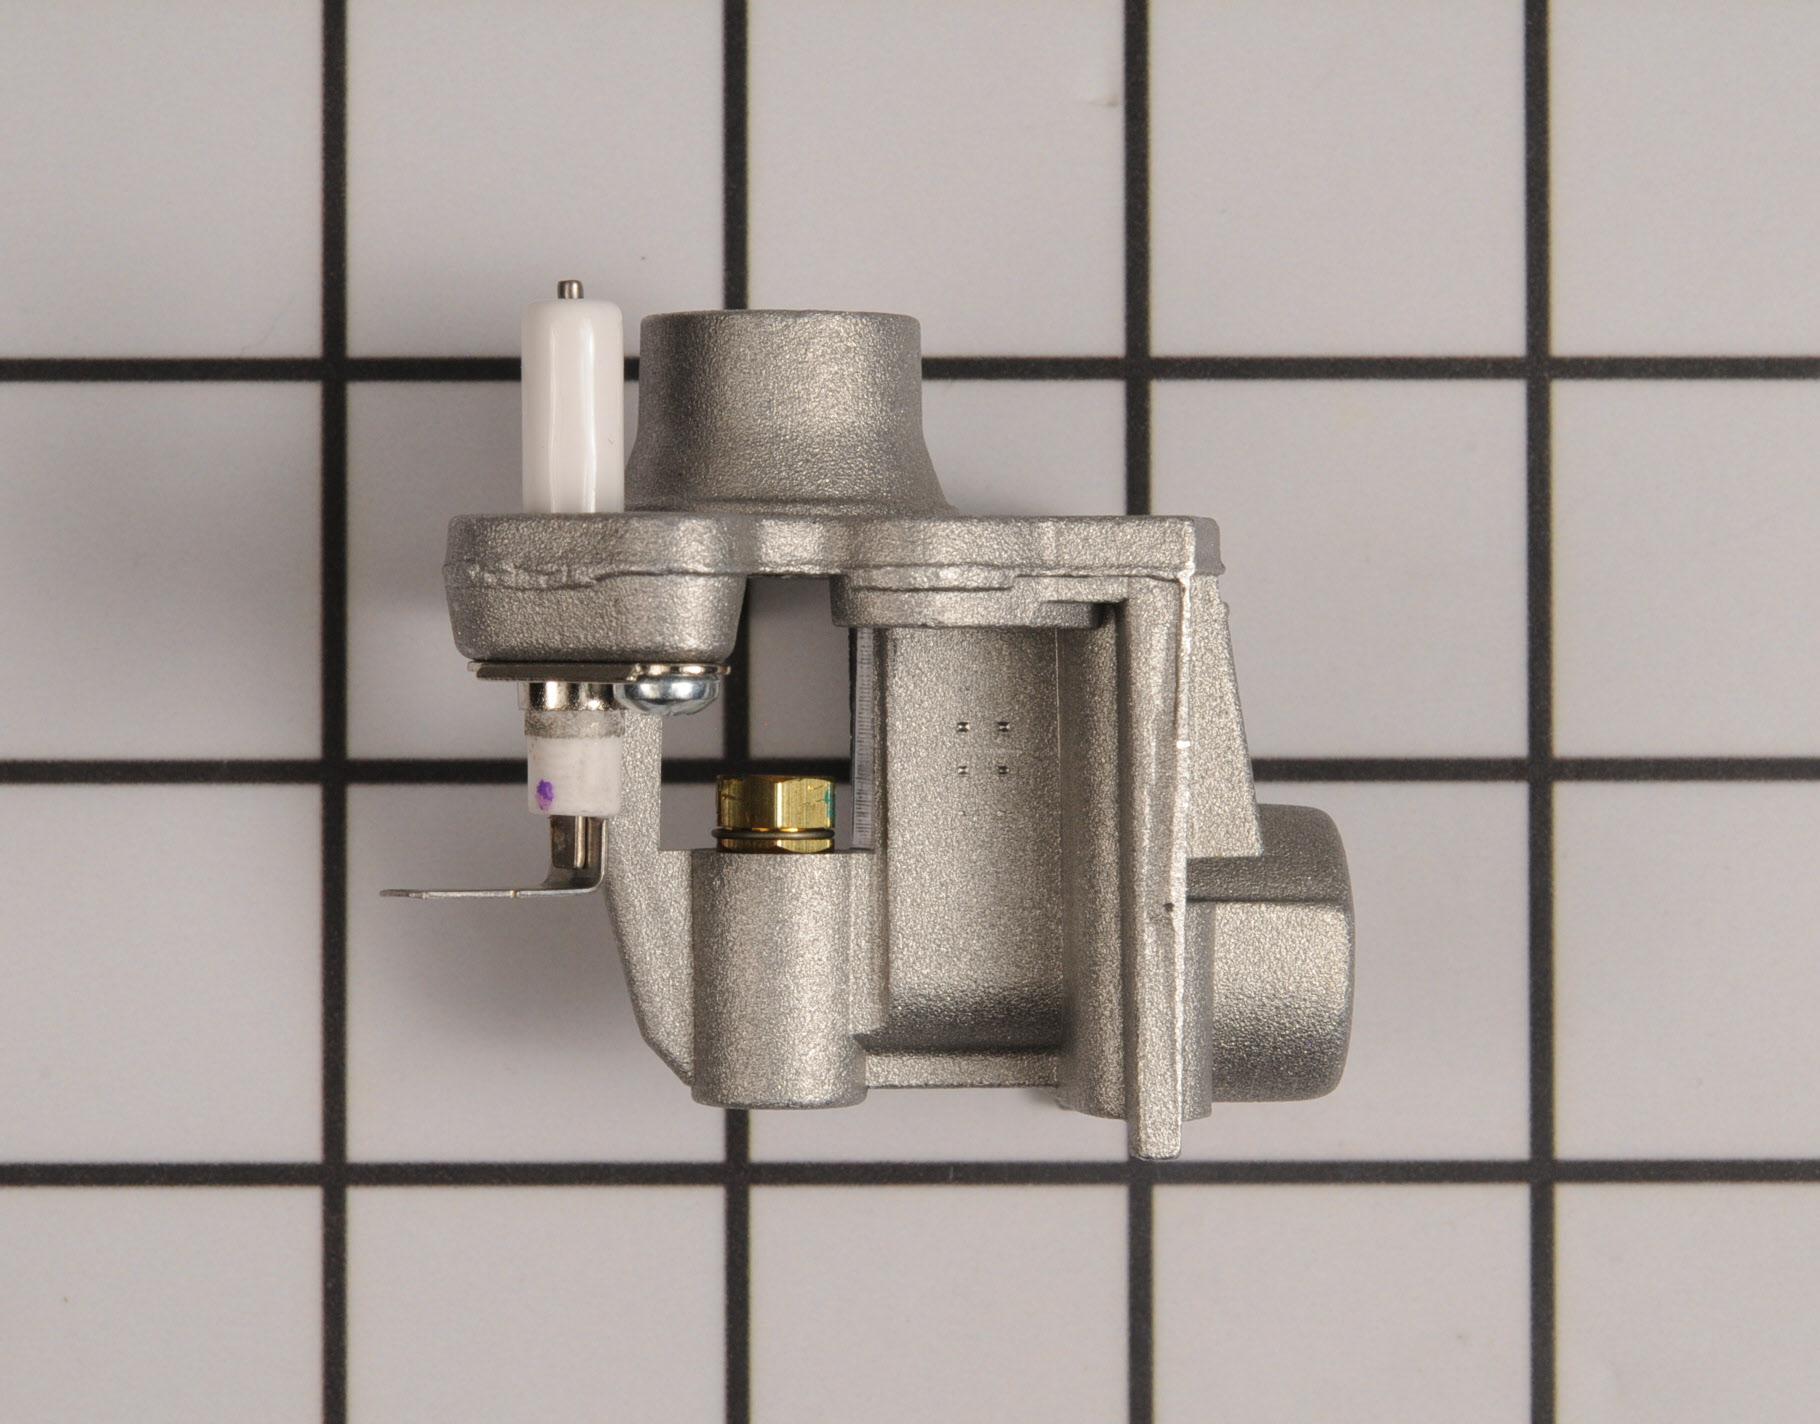 Maytag Range/Stove/Oven Part # WPW10407680 - Surface Burner Orifice Holder